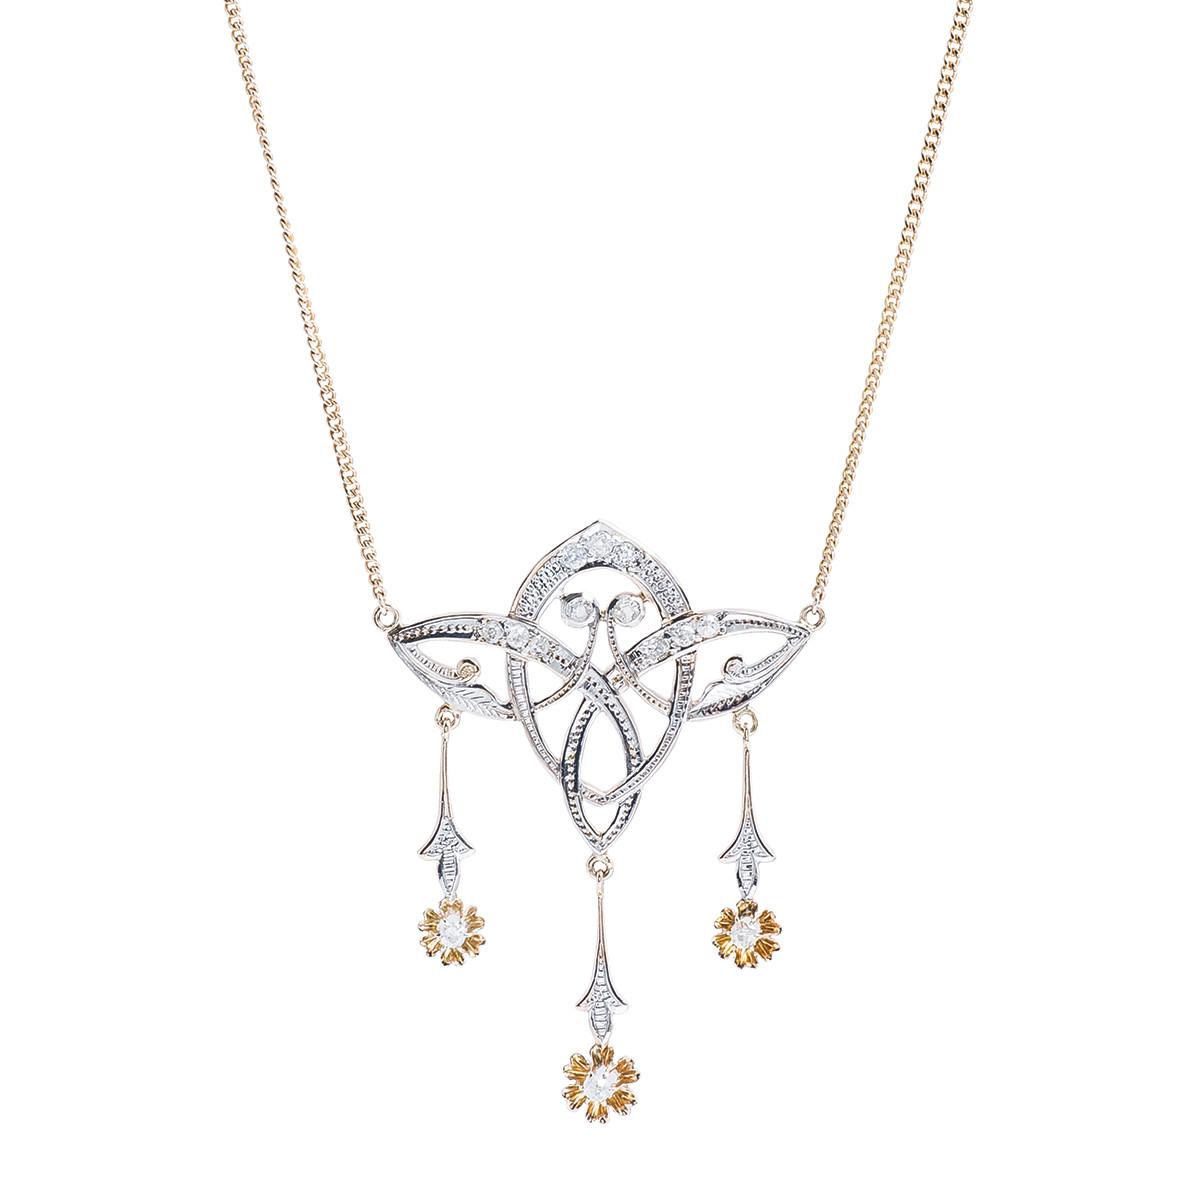 Antique Art Nouveau 0.78 CTW Diamond Flower Necklace